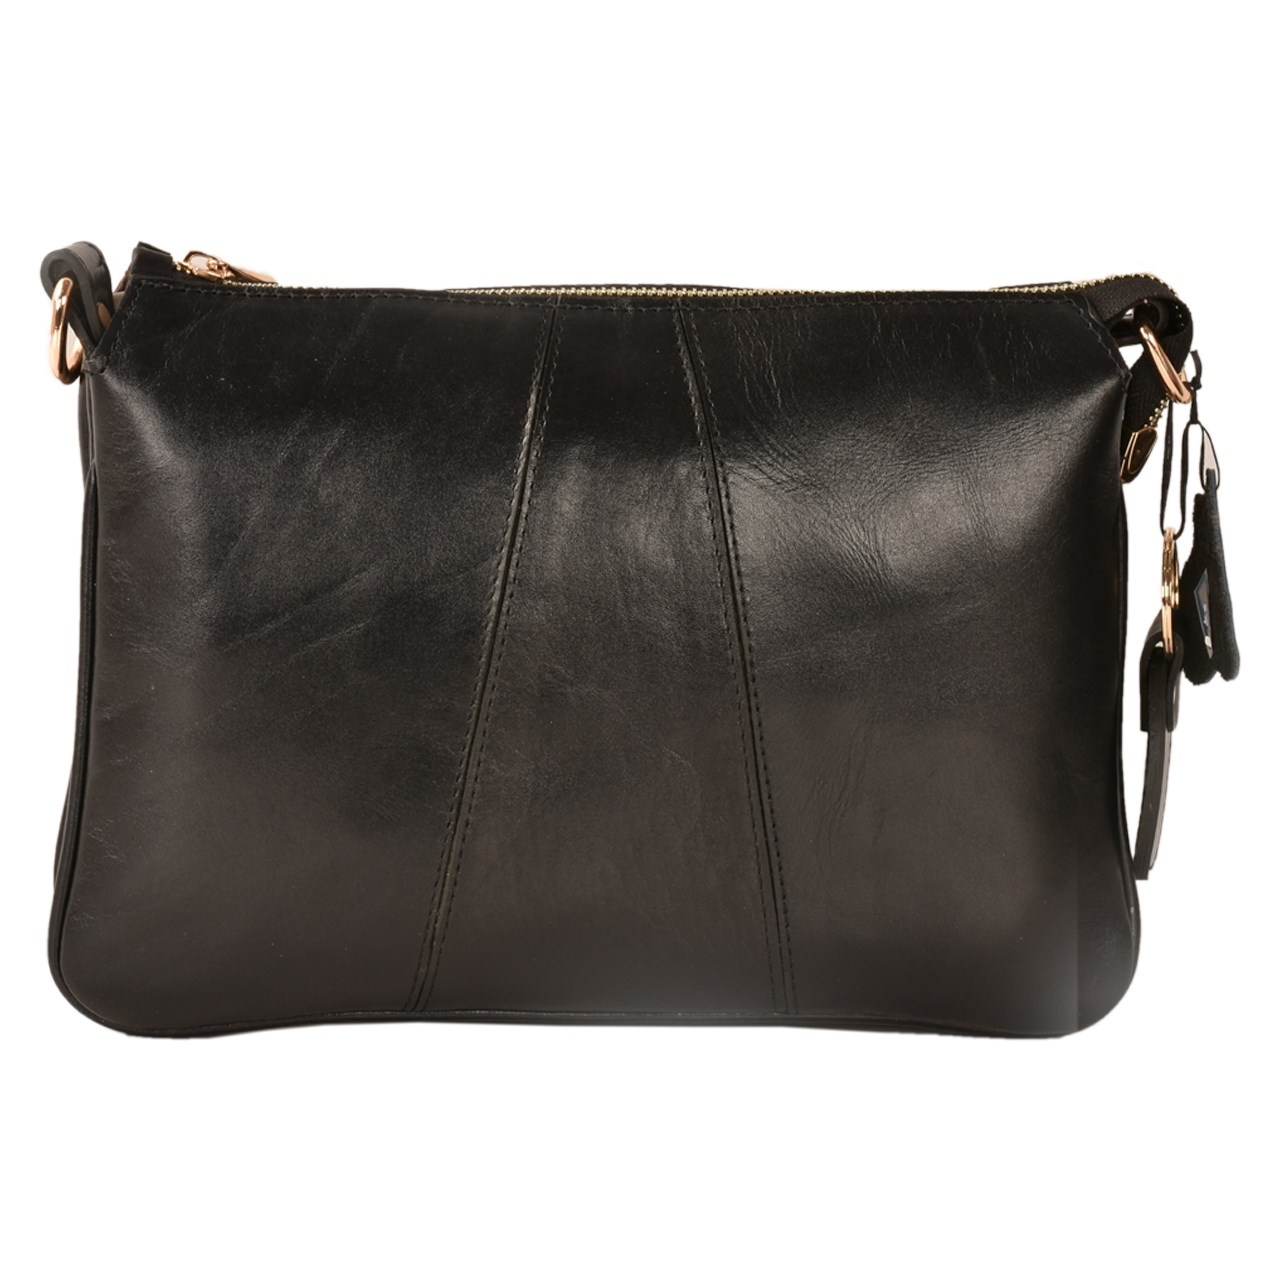 کیف رو دوشی چرم طبیعی کهن چرم مدل V155